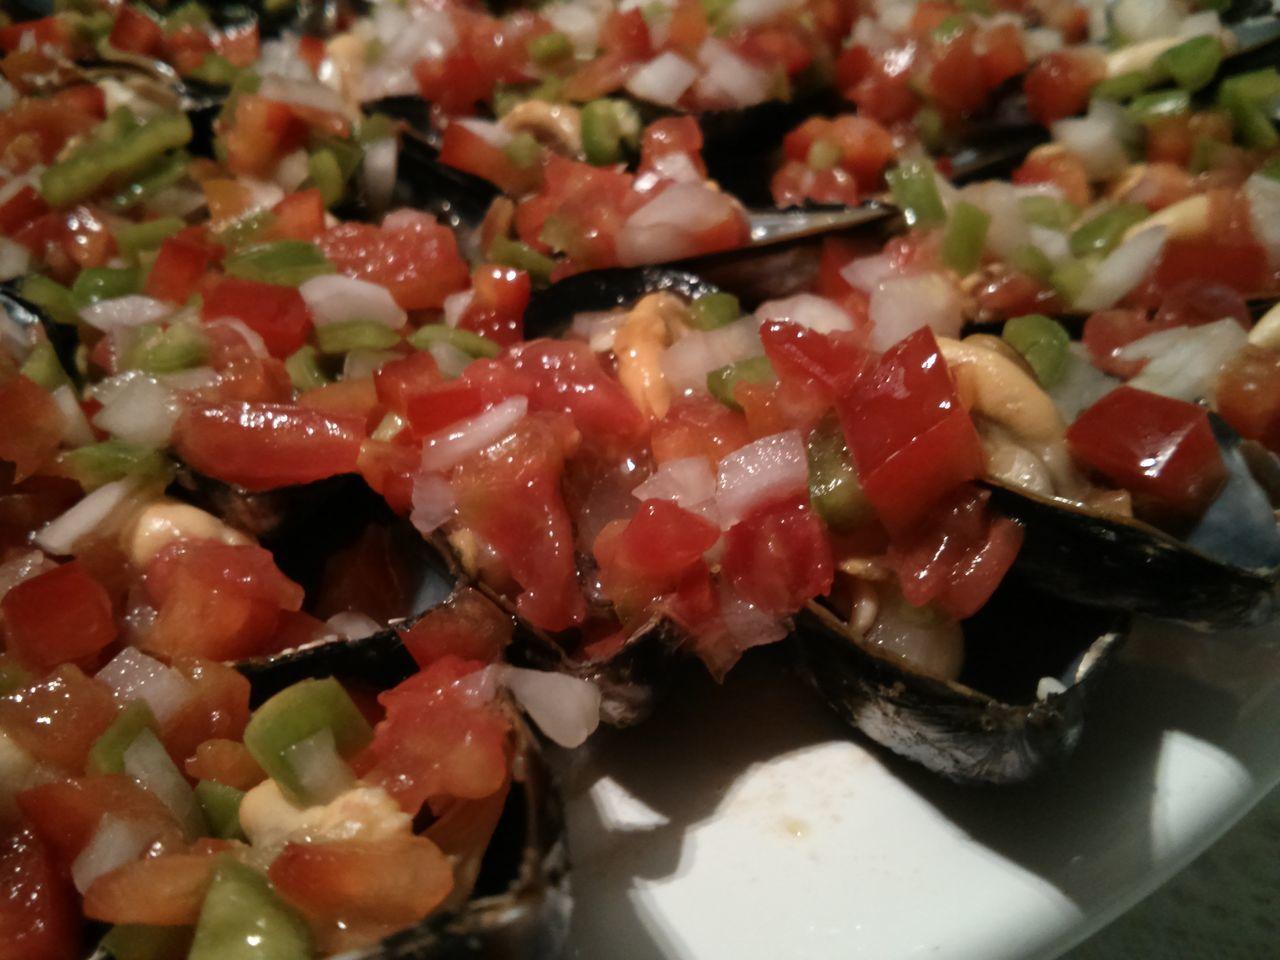 Detalle de los mejillones con picadillo Mejillones Picadillo Verduras Food On The Go